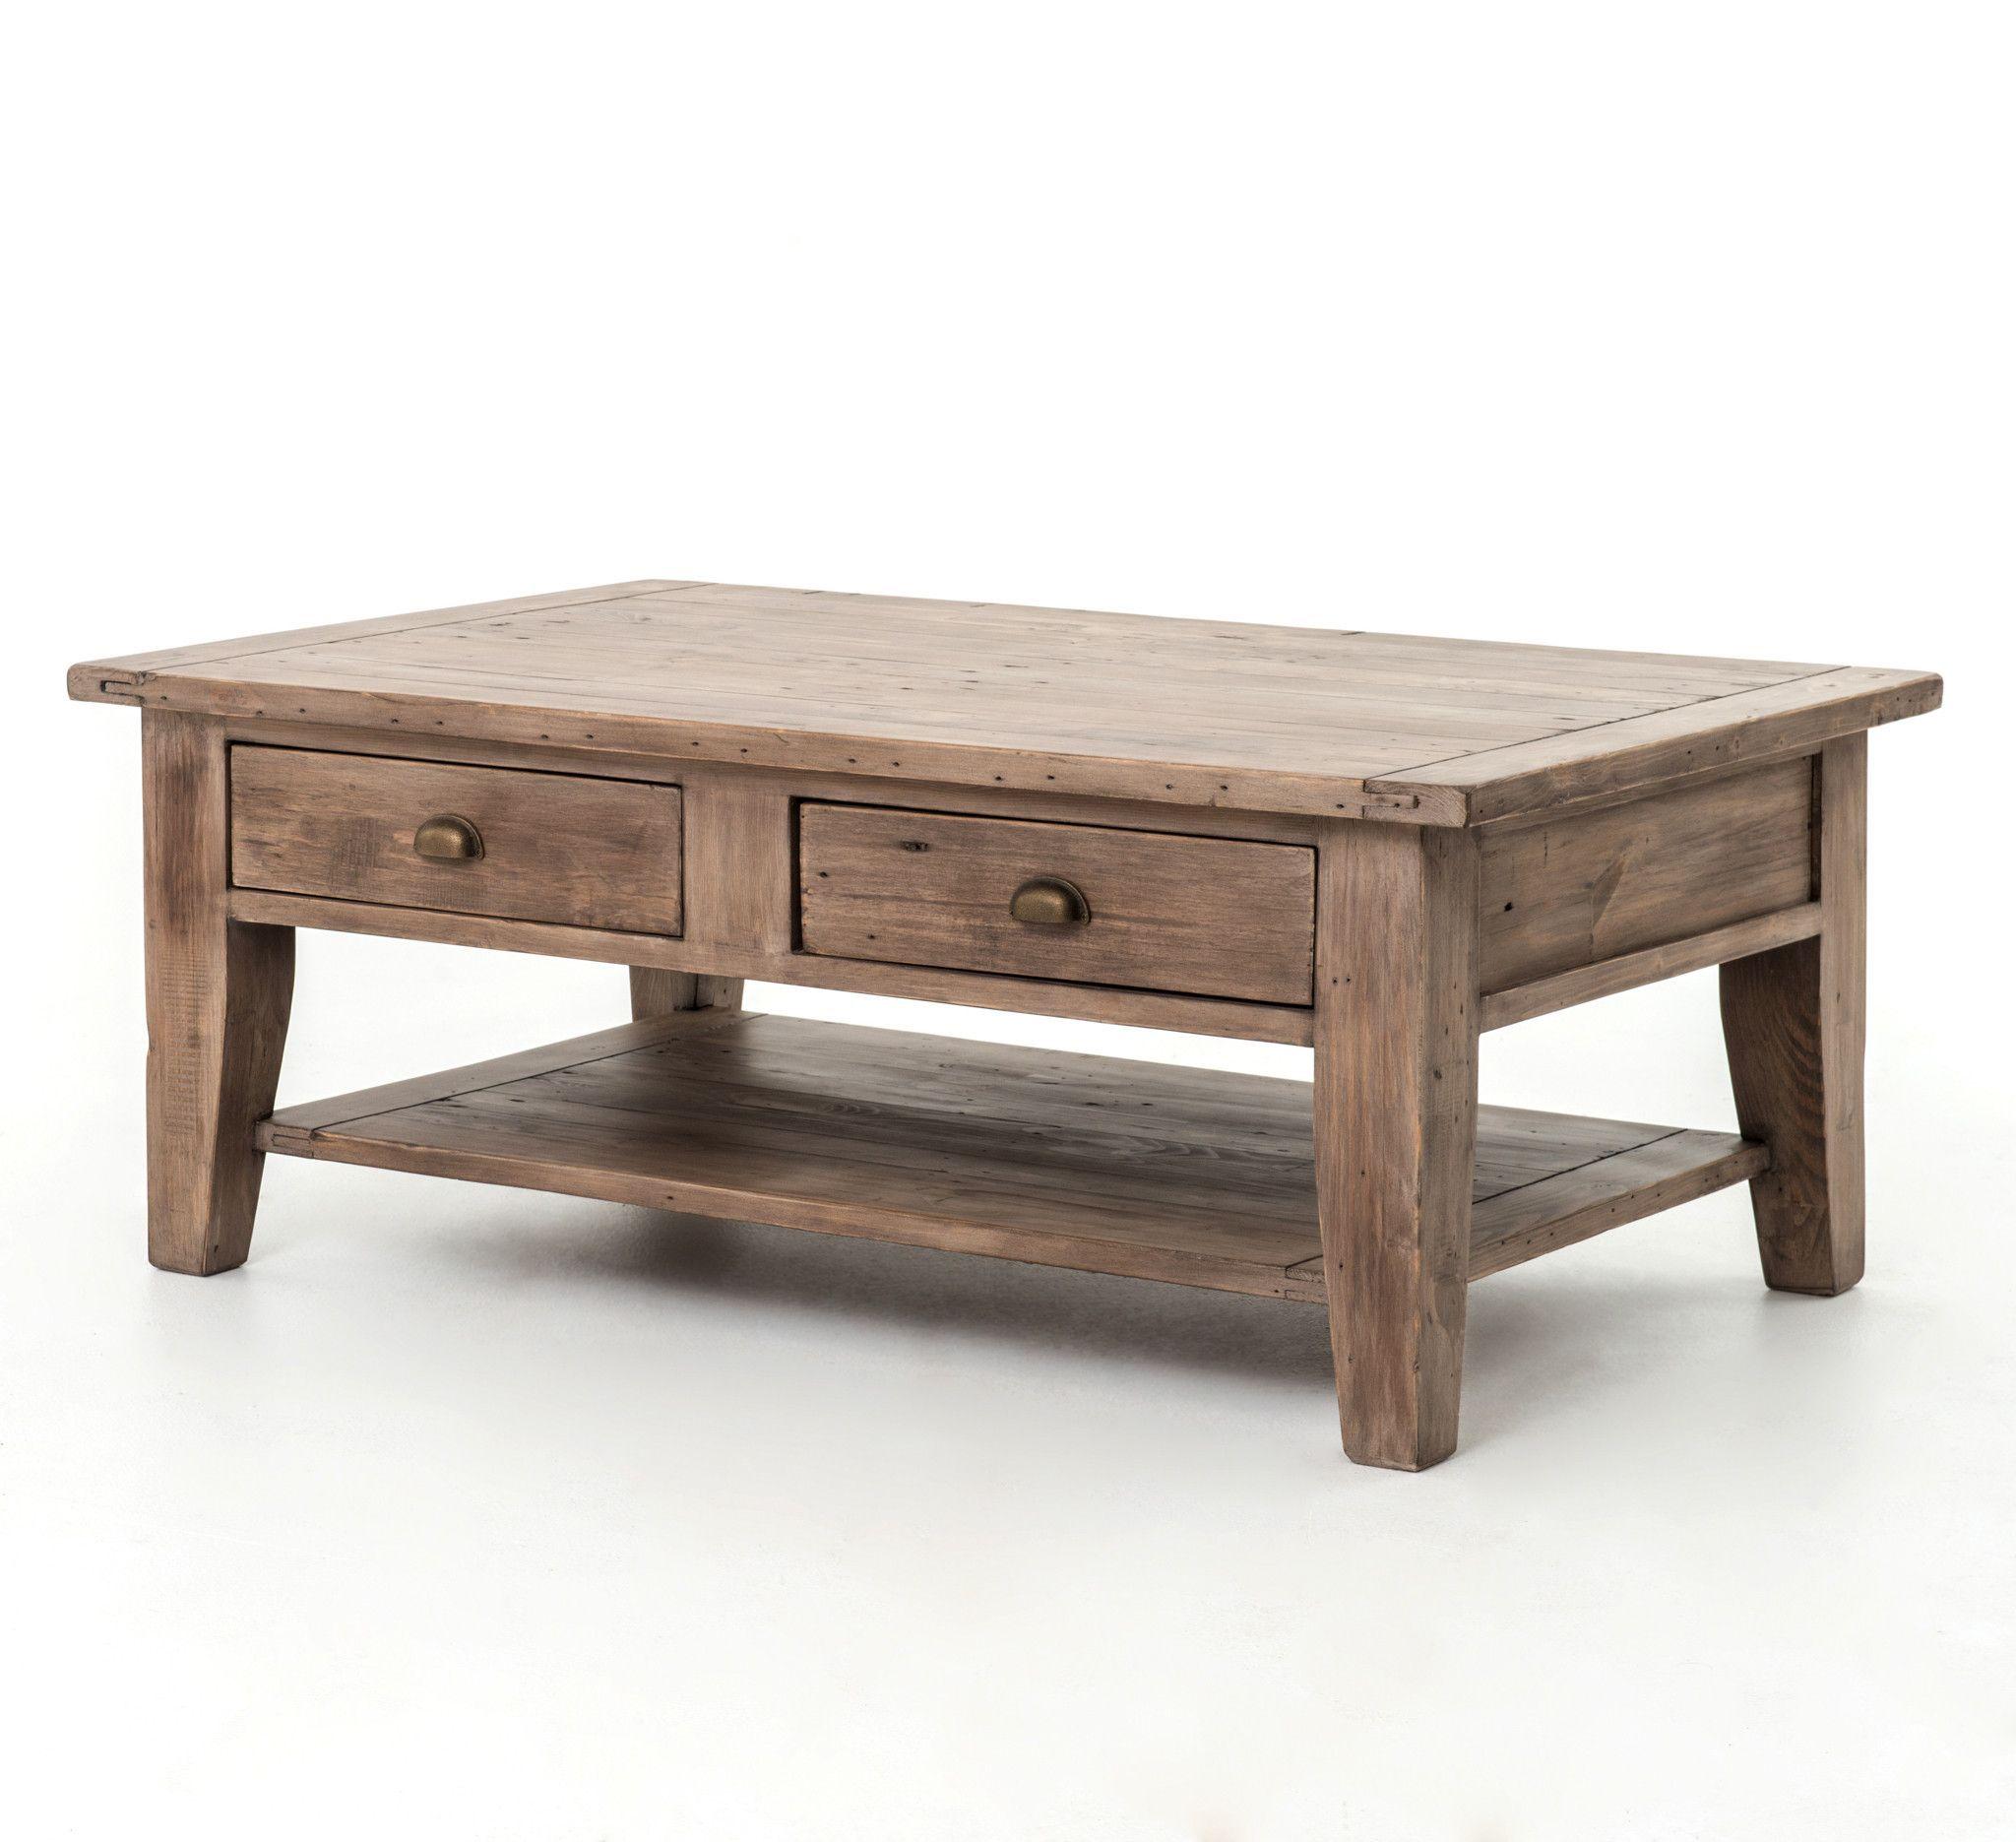 Cloe Coffee Table Coffee Table Wood Reclaimed Wood Coffee Table Coffee Table [ 1871 x 2048 Pixel ]